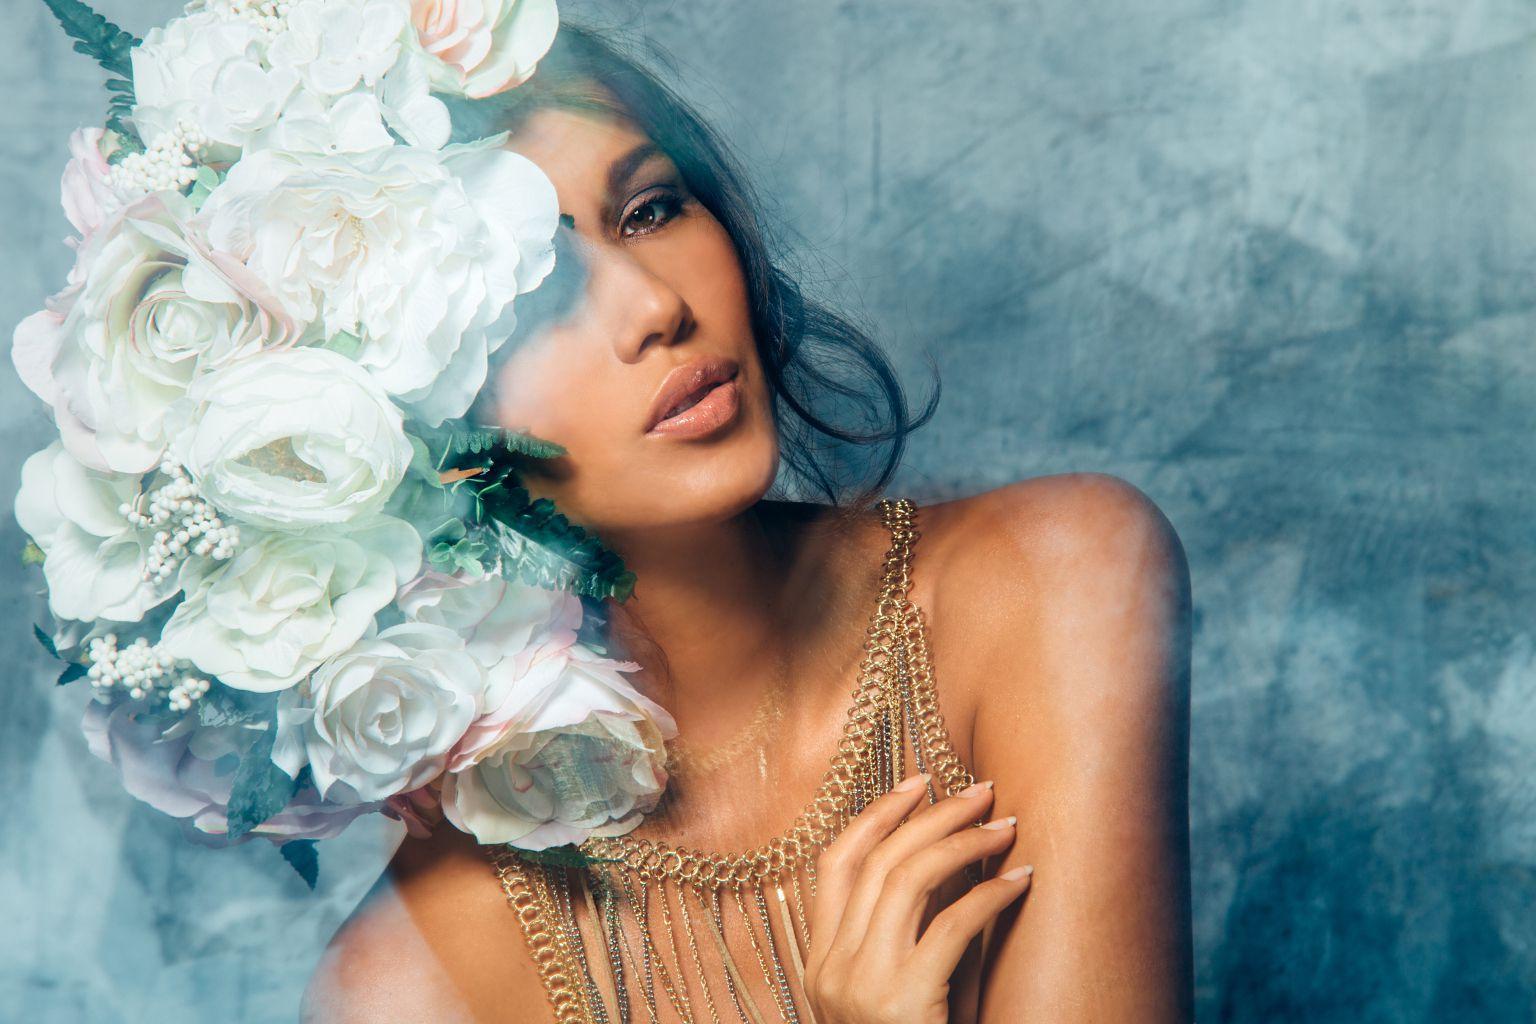 Flower_Beauty_3_86.jpg